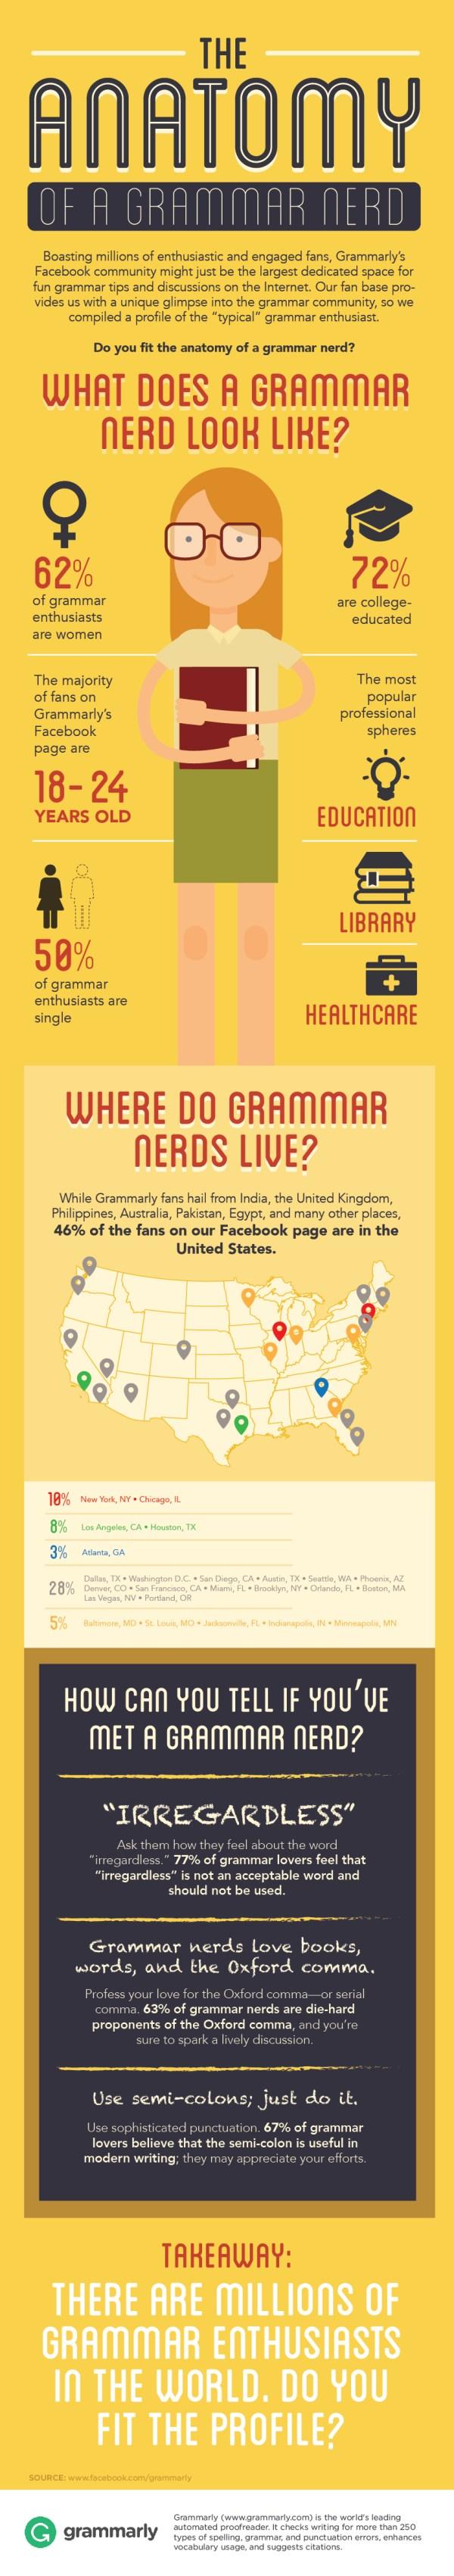 Anatomy of a Grammar Nerd Infographic